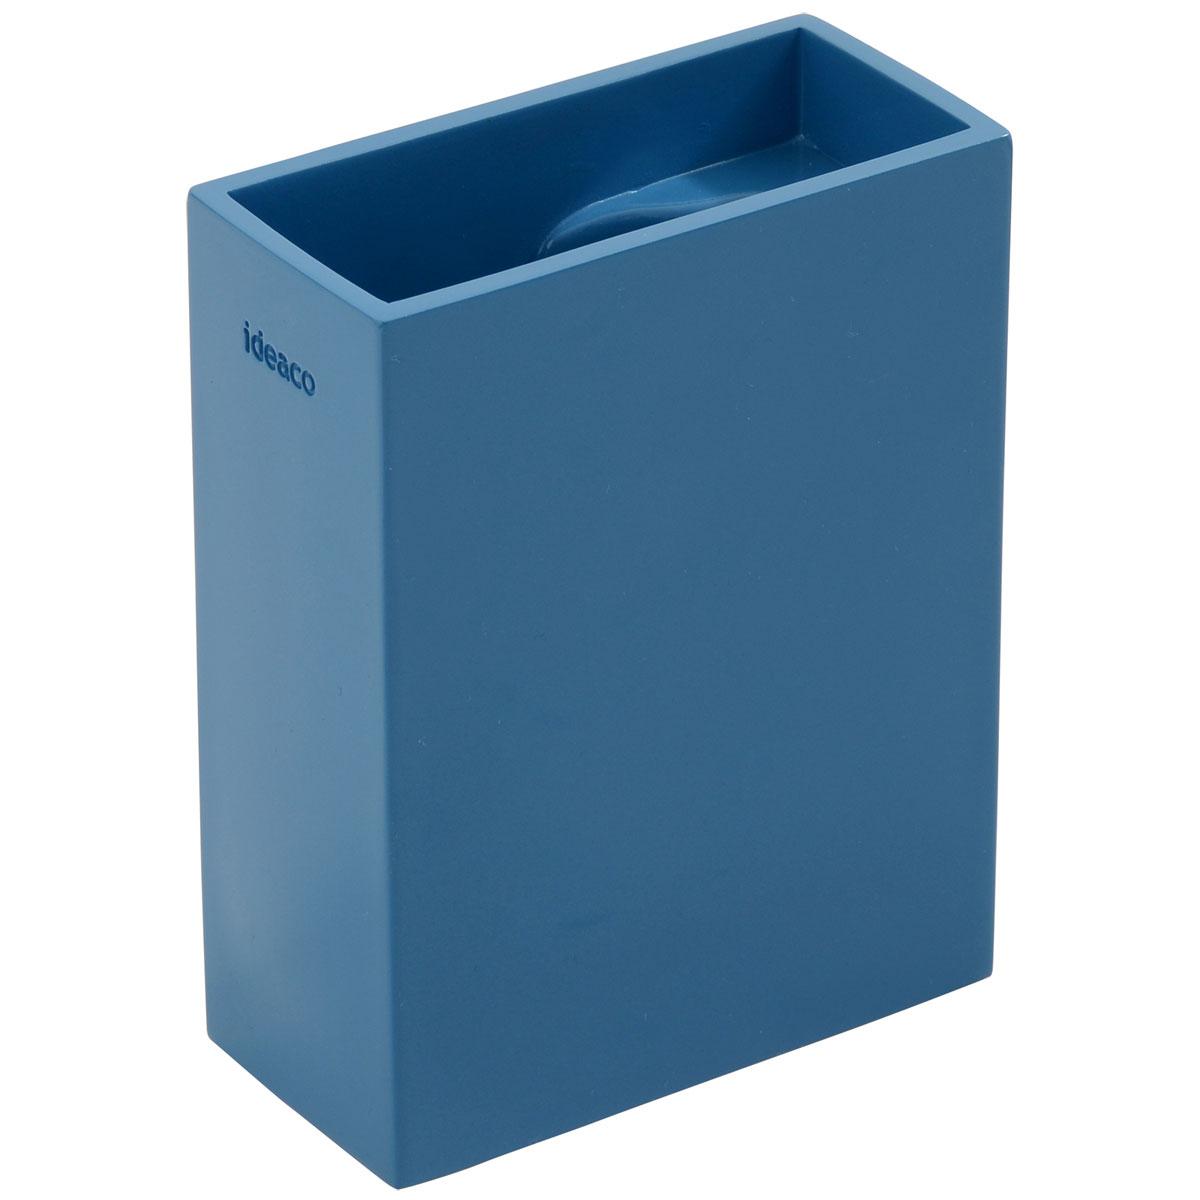 【選べるカラー】トイレブラシスタンド ideaco SB stand 流せるトイレブラシ用 イデアコ エスビースタンド ブルー